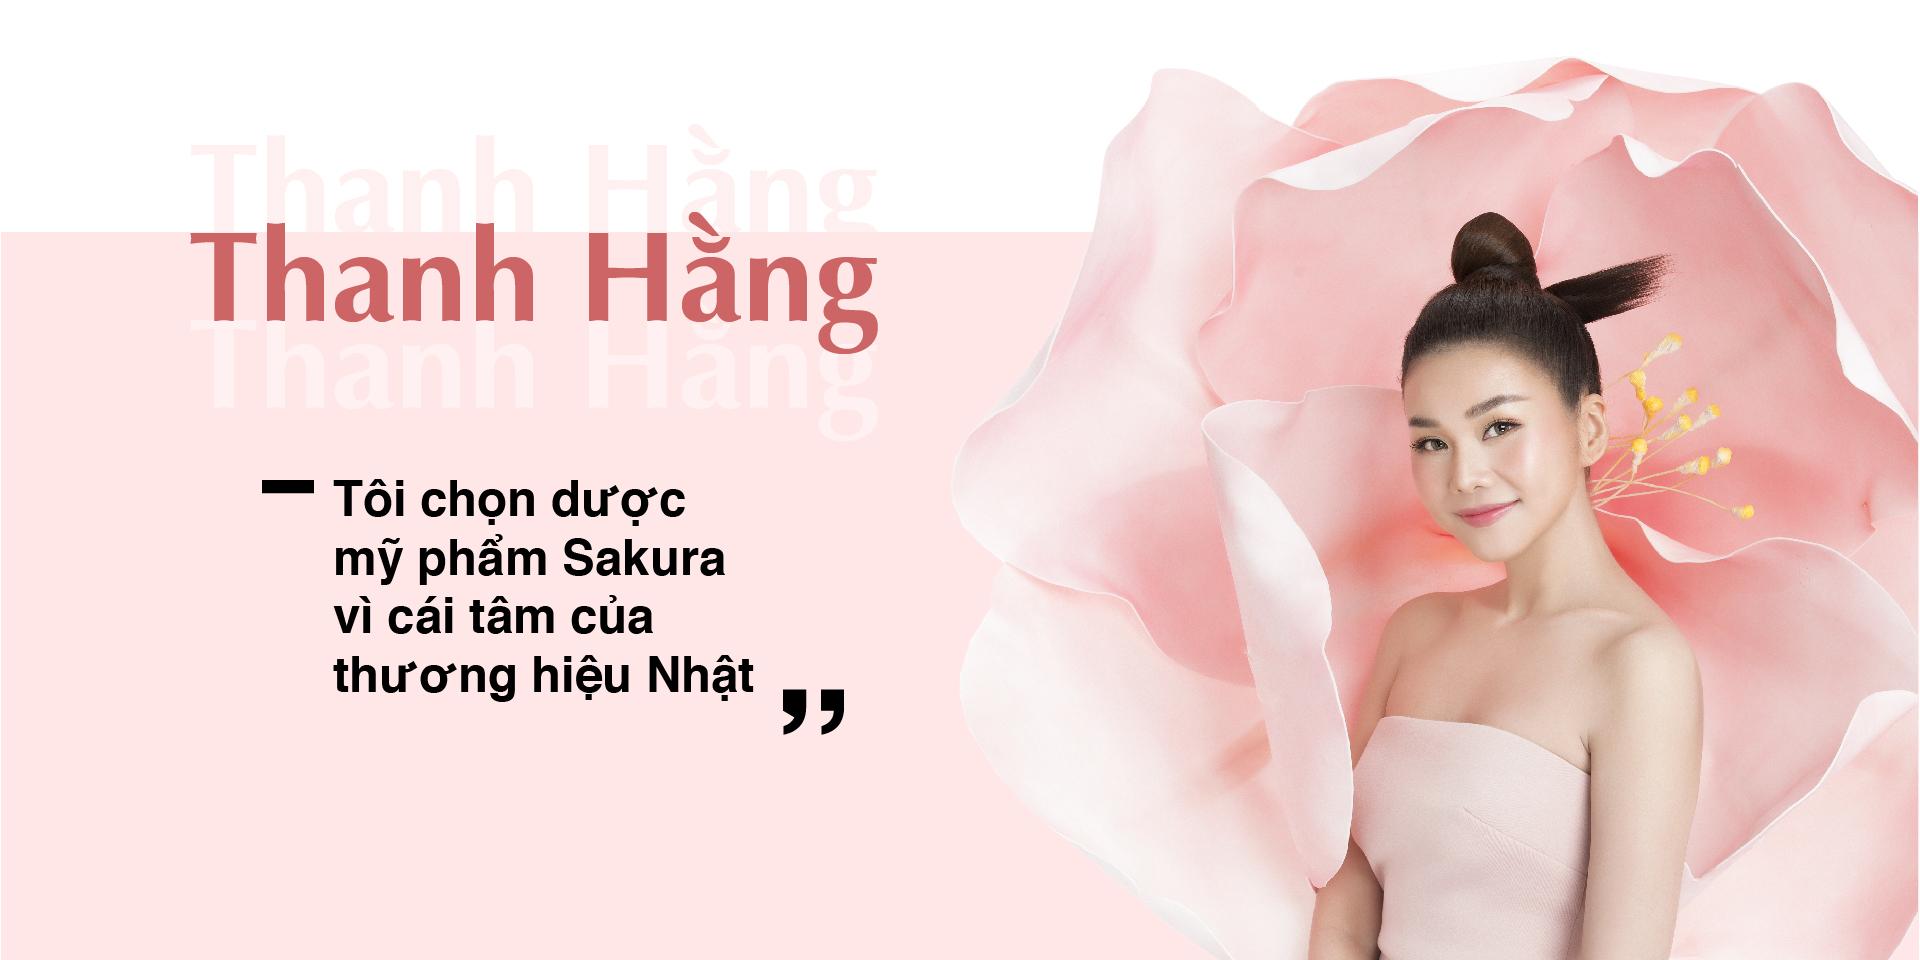 Thanh Hằng trở thành đại sứ thương hiệu Dược mỹ phẩm Sakura